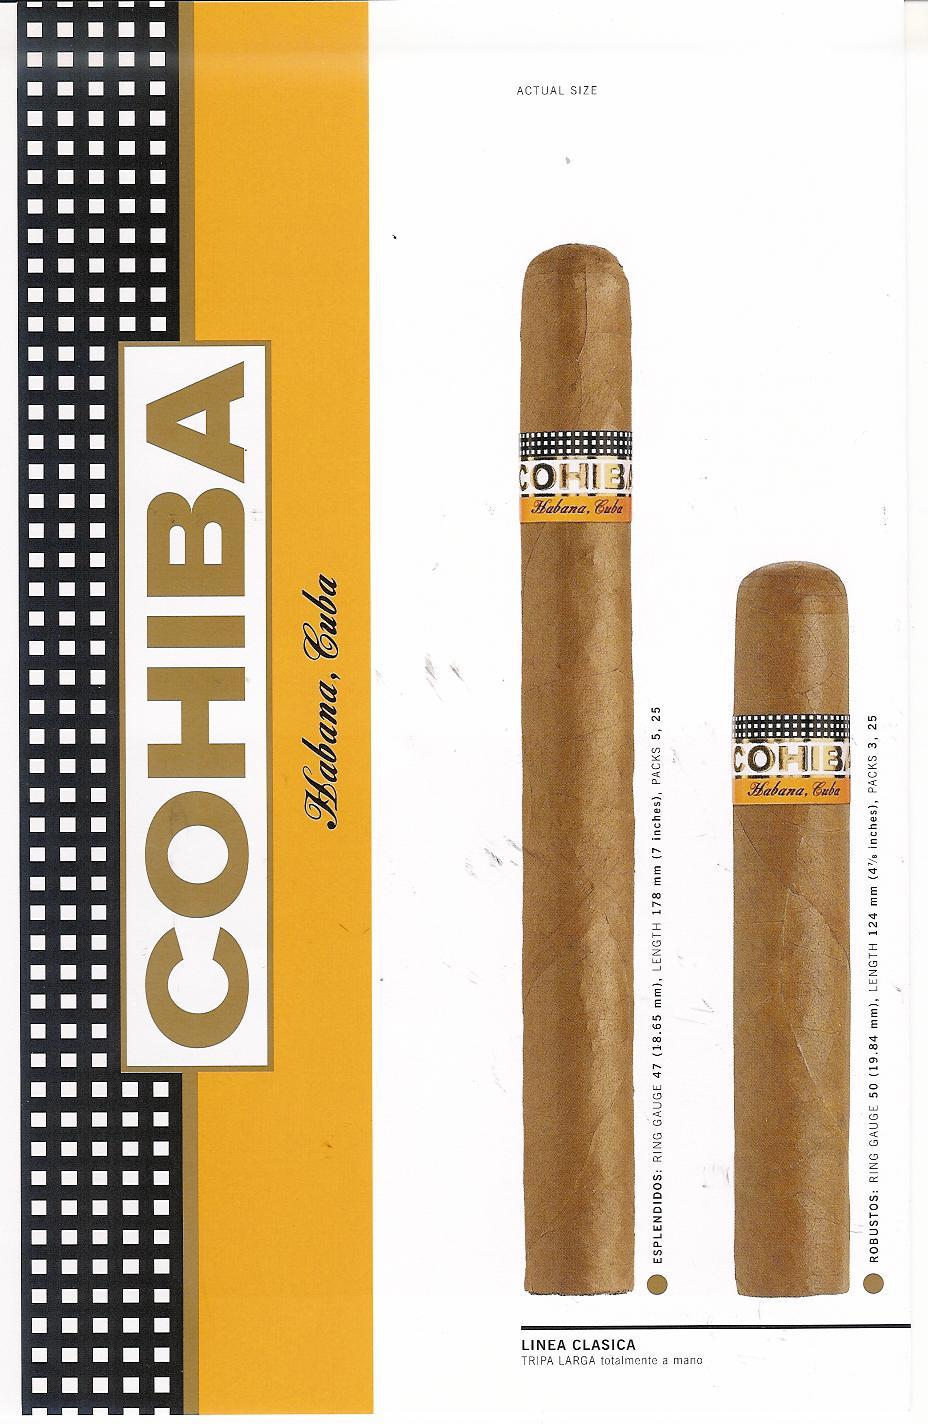 Cohiba Siglo VI Launch